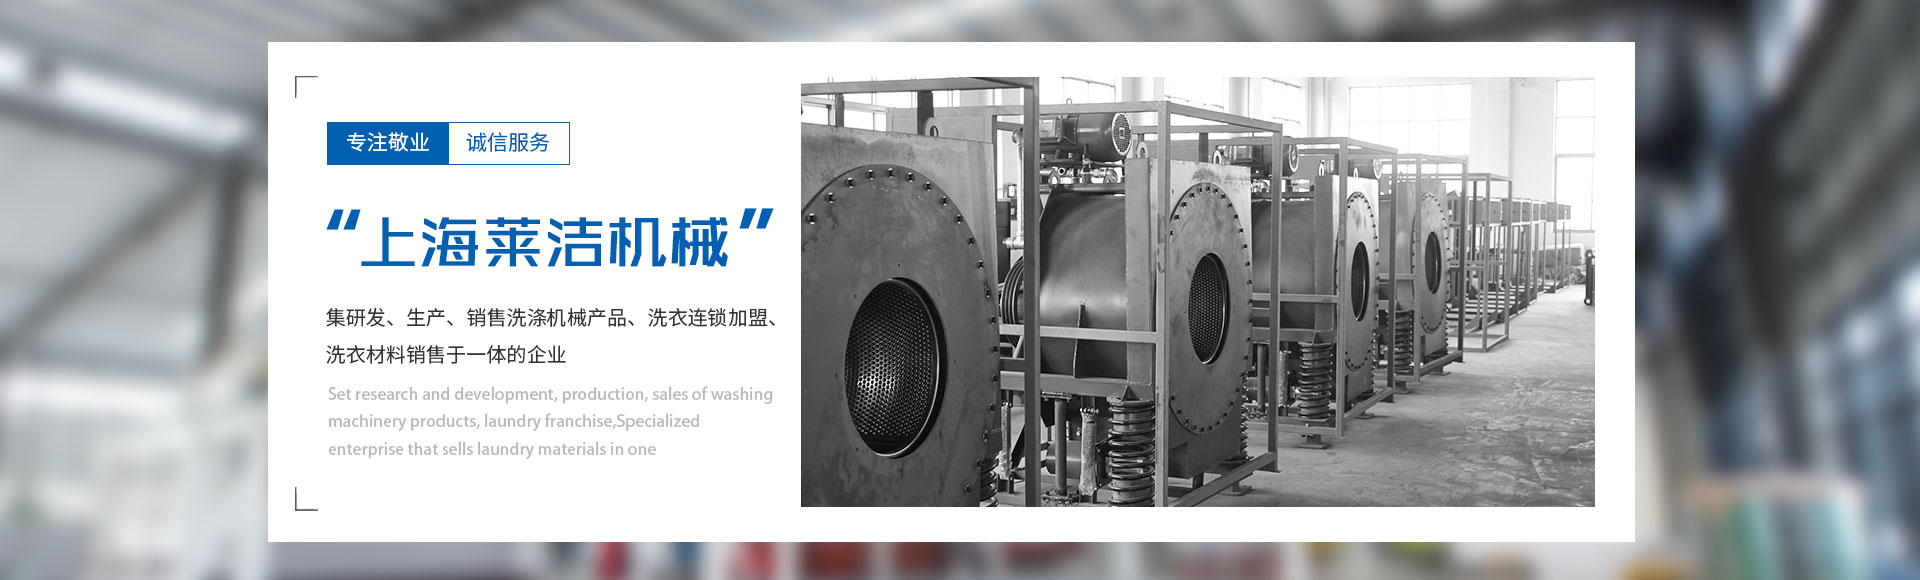 上海莱洁机械有限公司